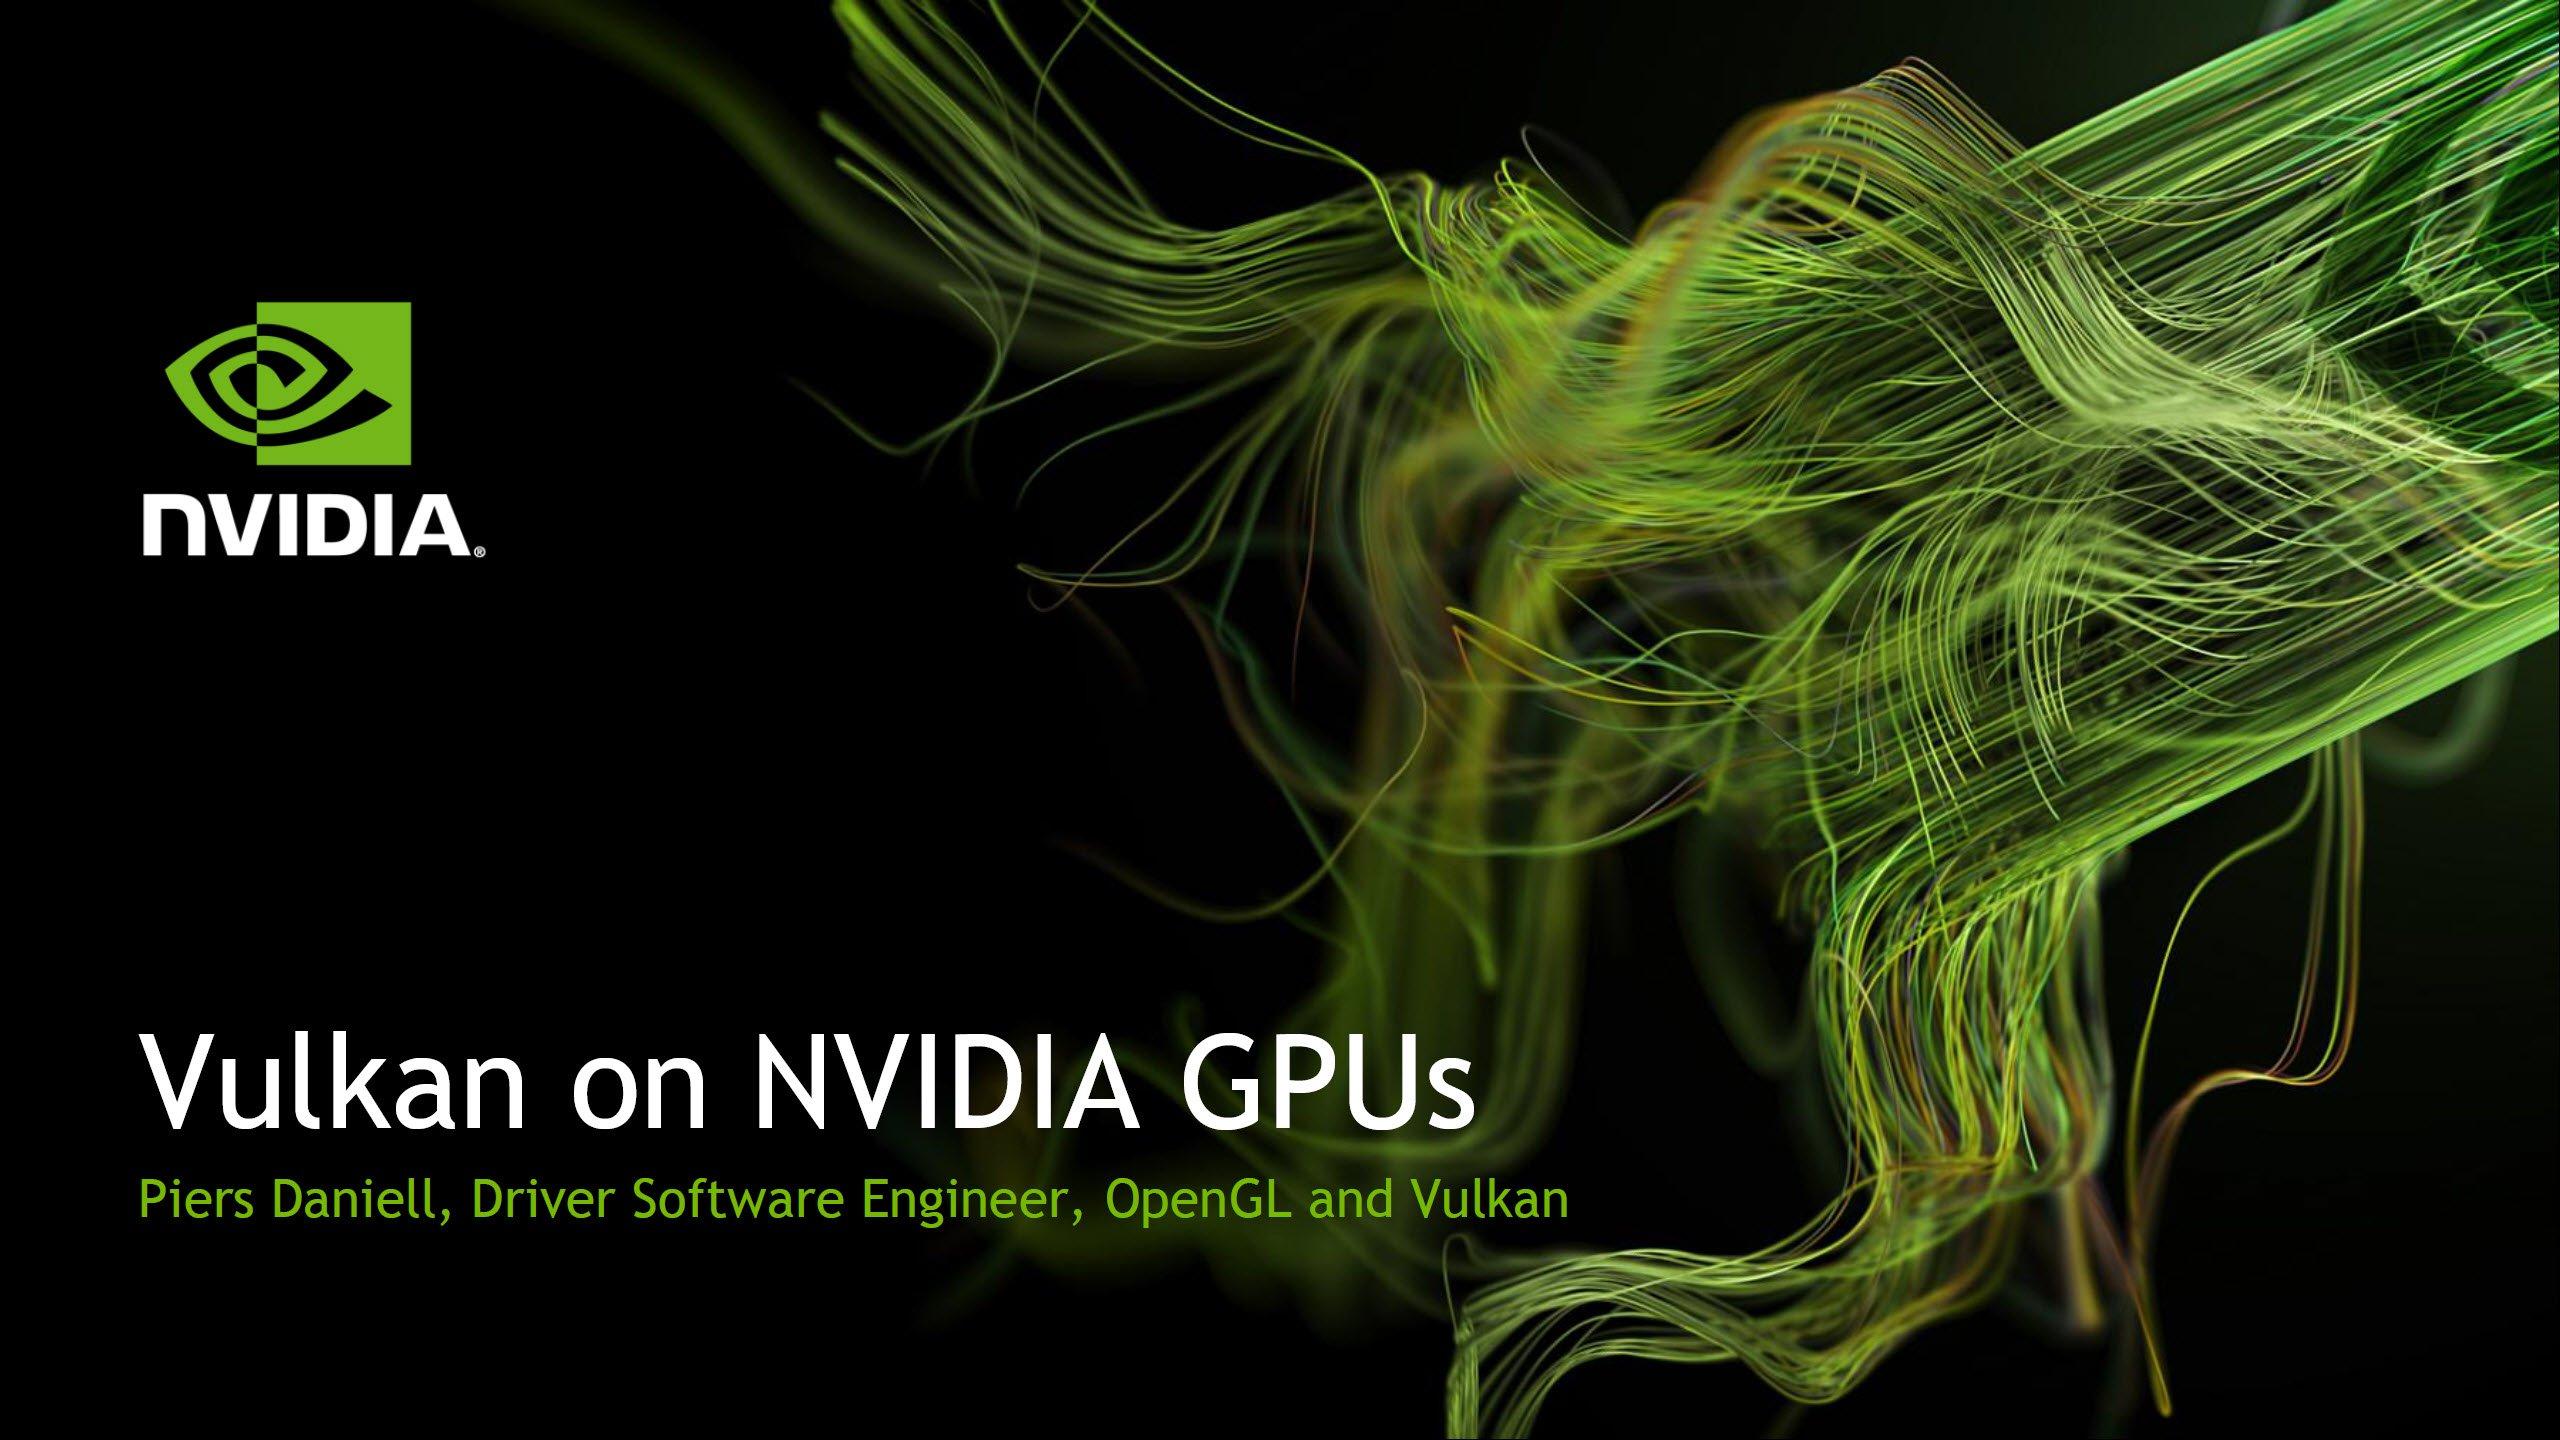 nvidia-driver-vulkan